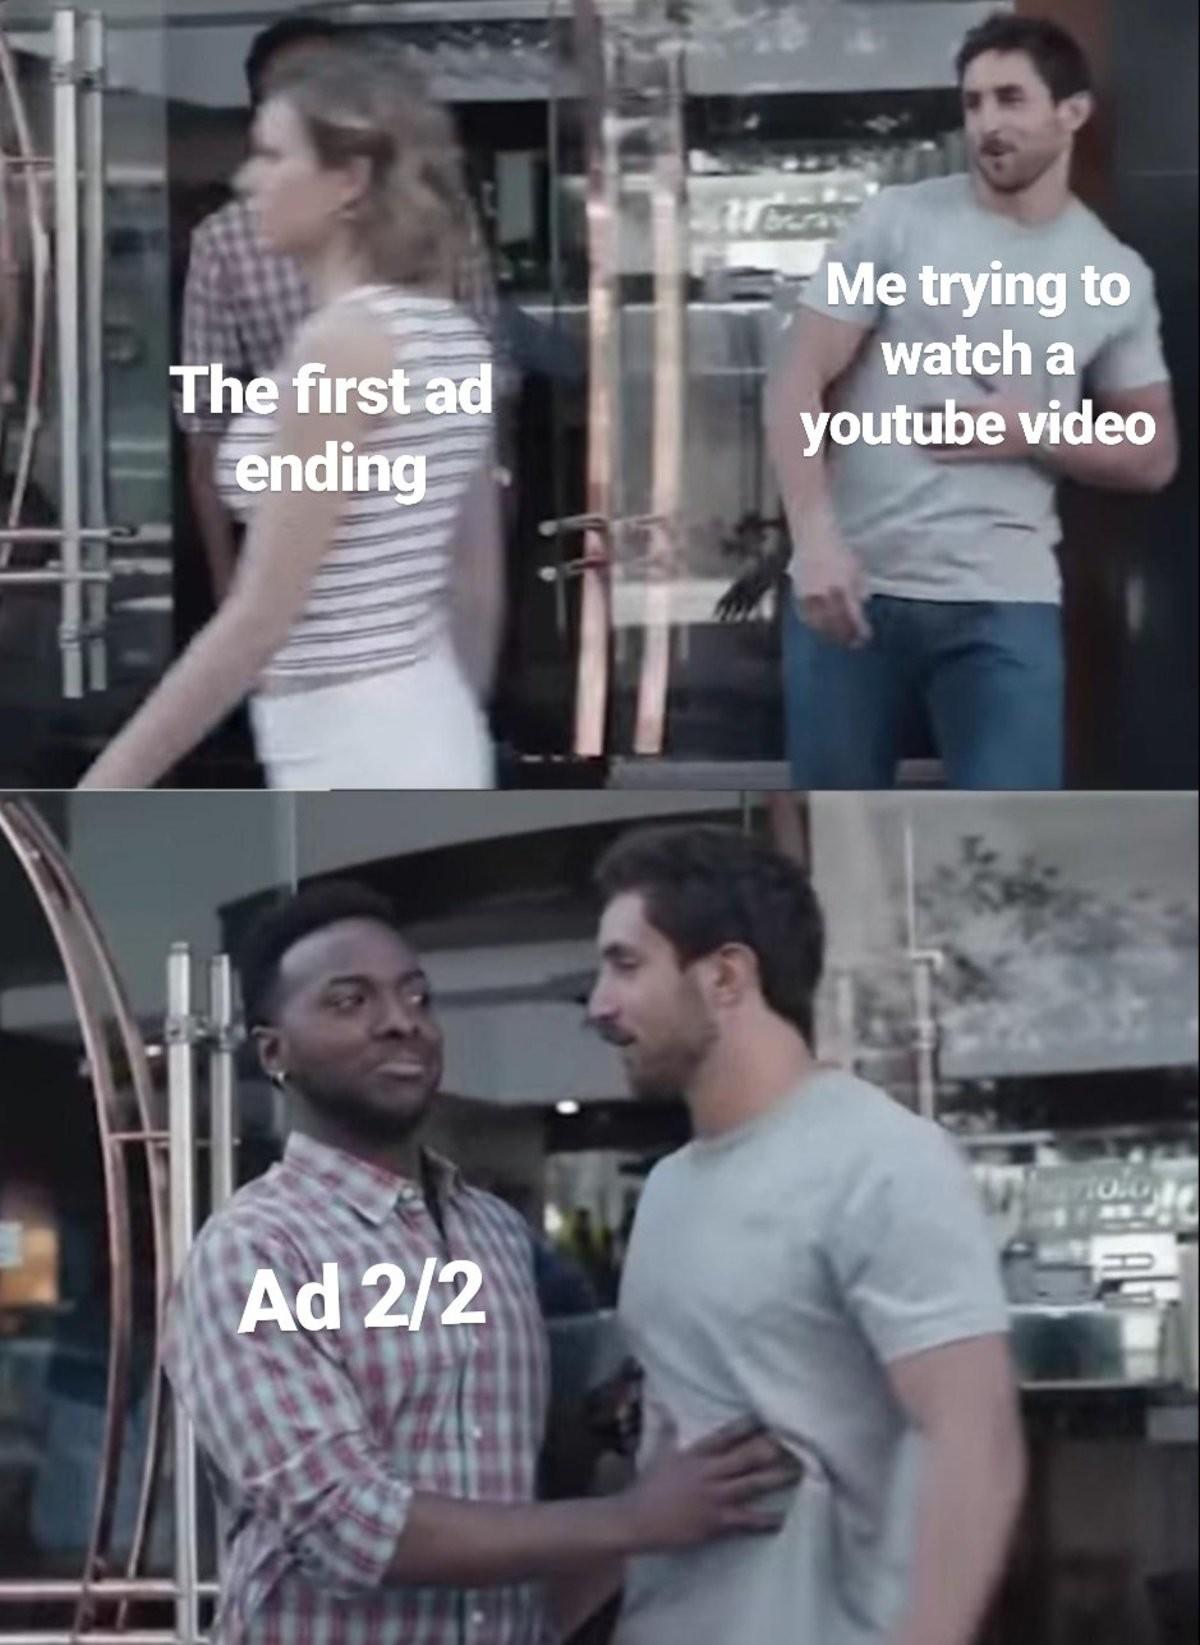 2 ads!!!